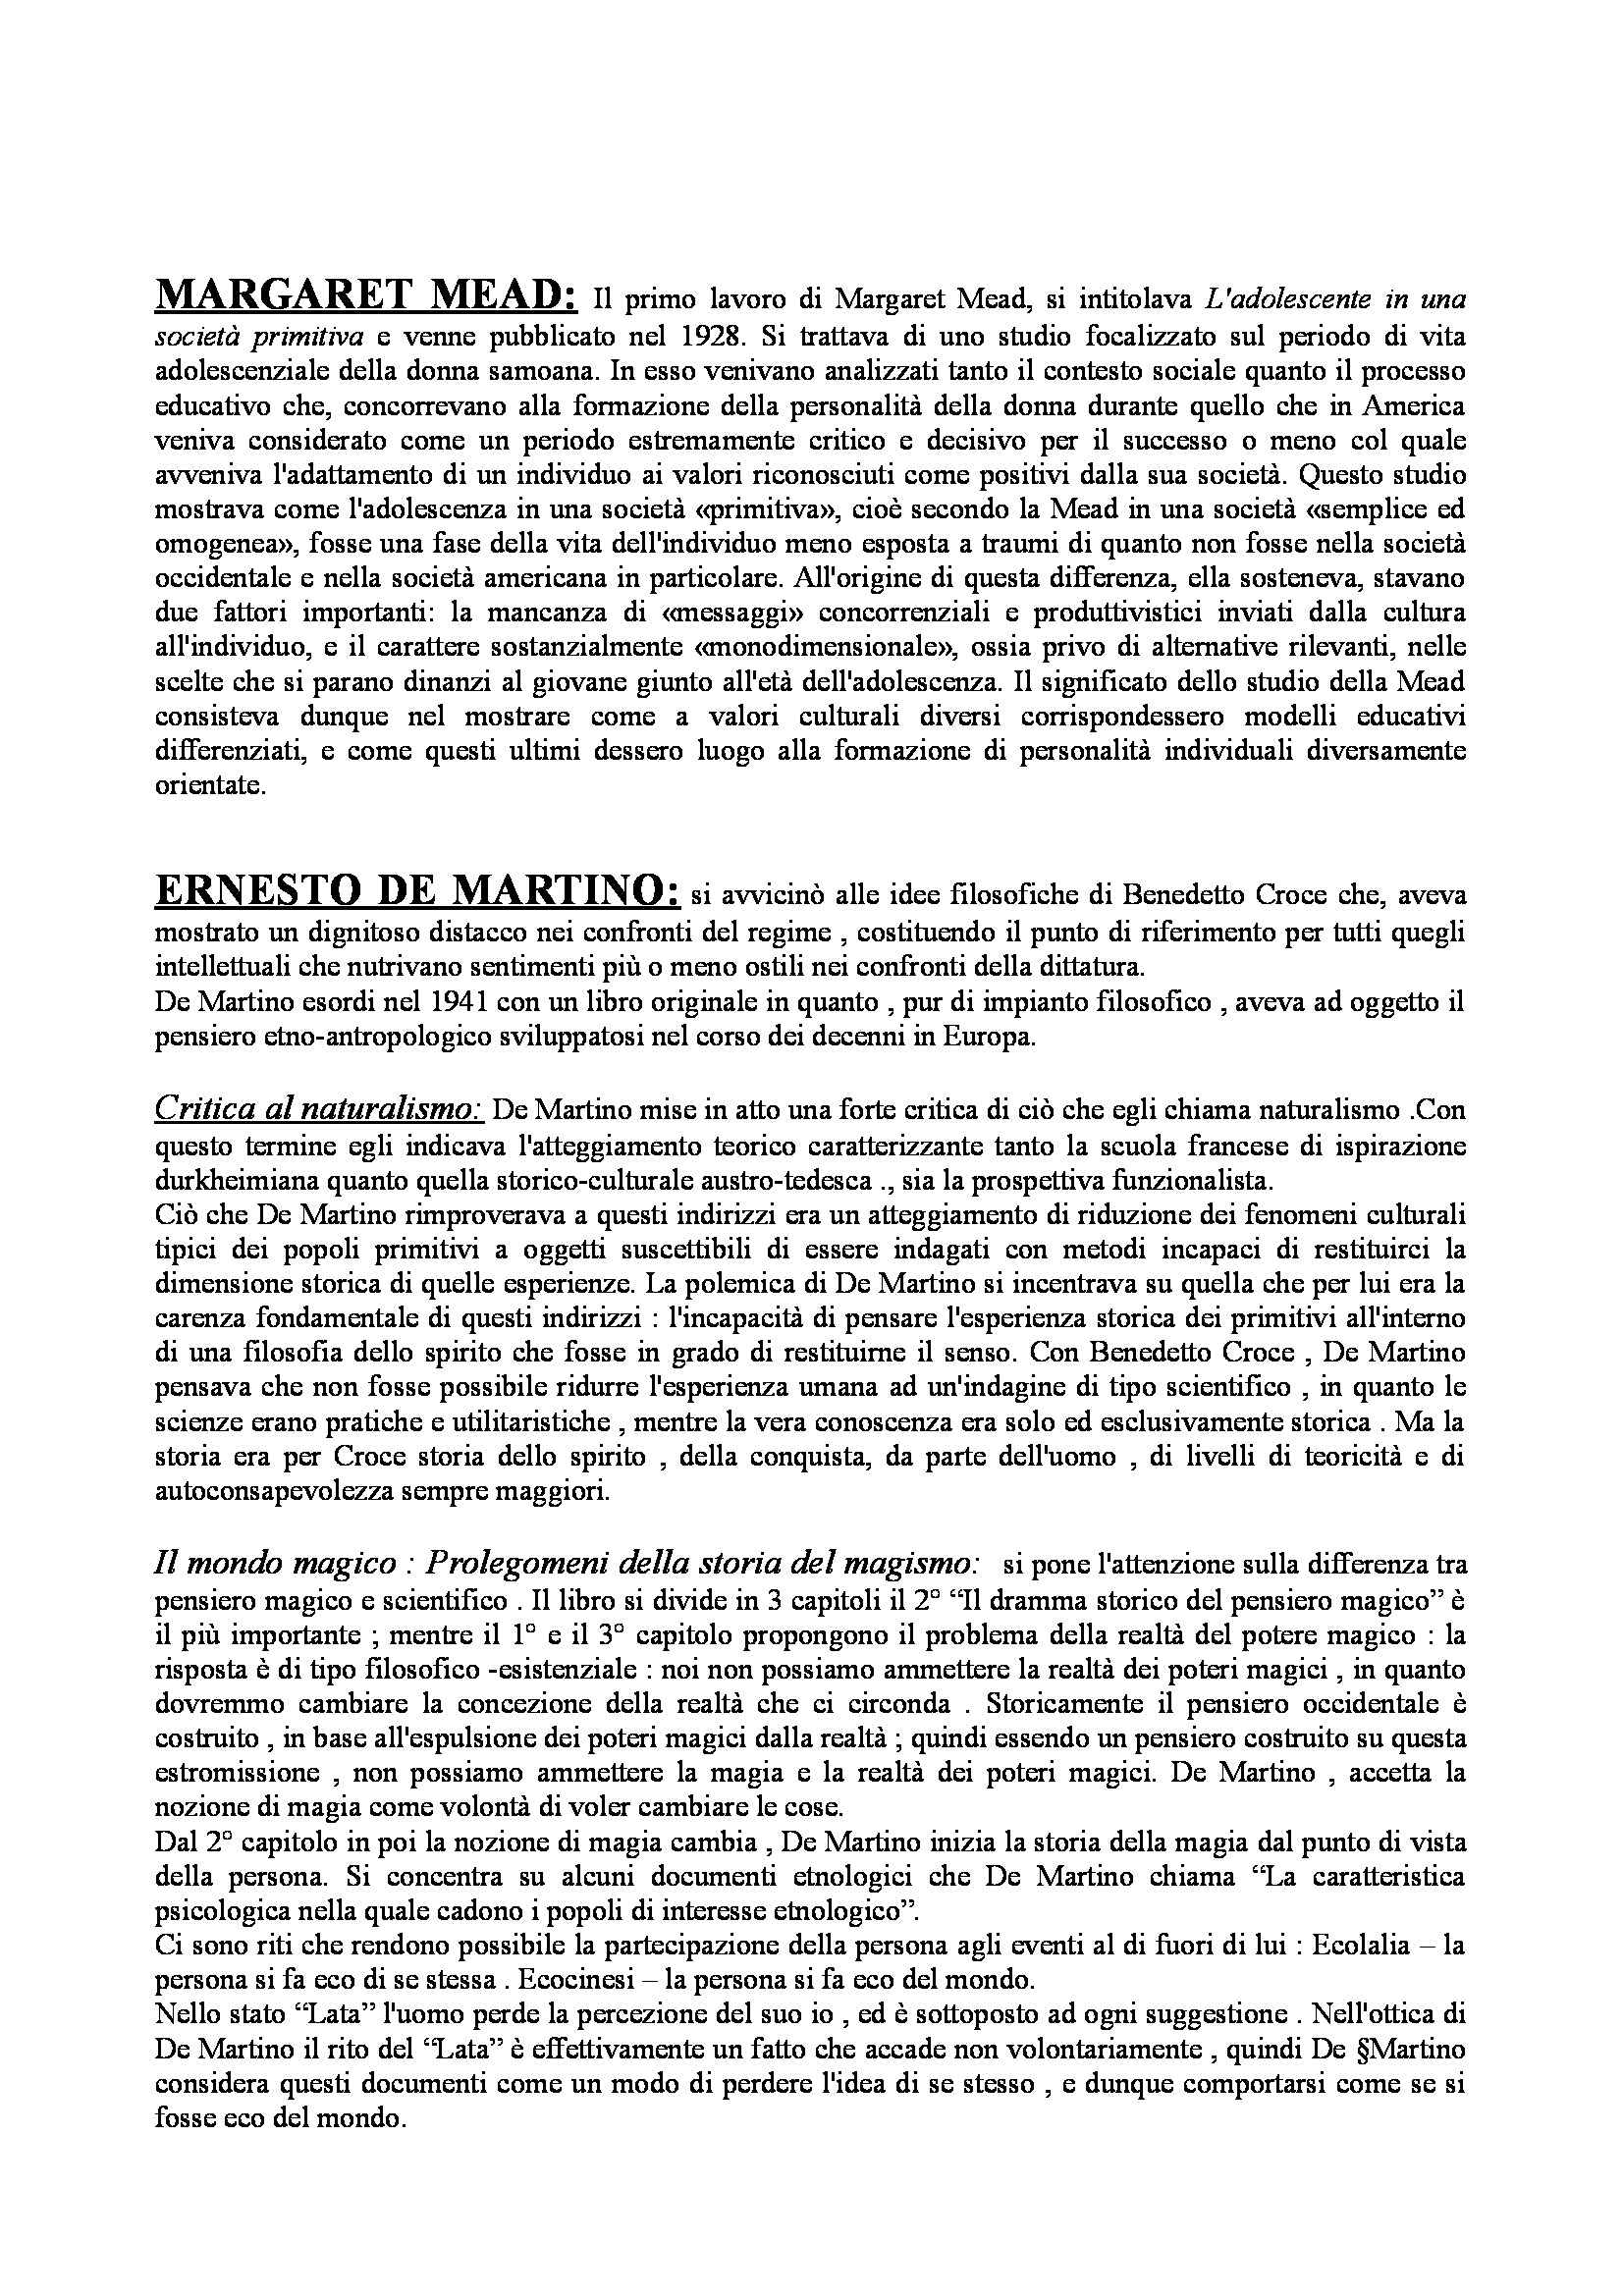 Antropologia culturale - teorie e storia dell'antropologia culturale Pag. 11